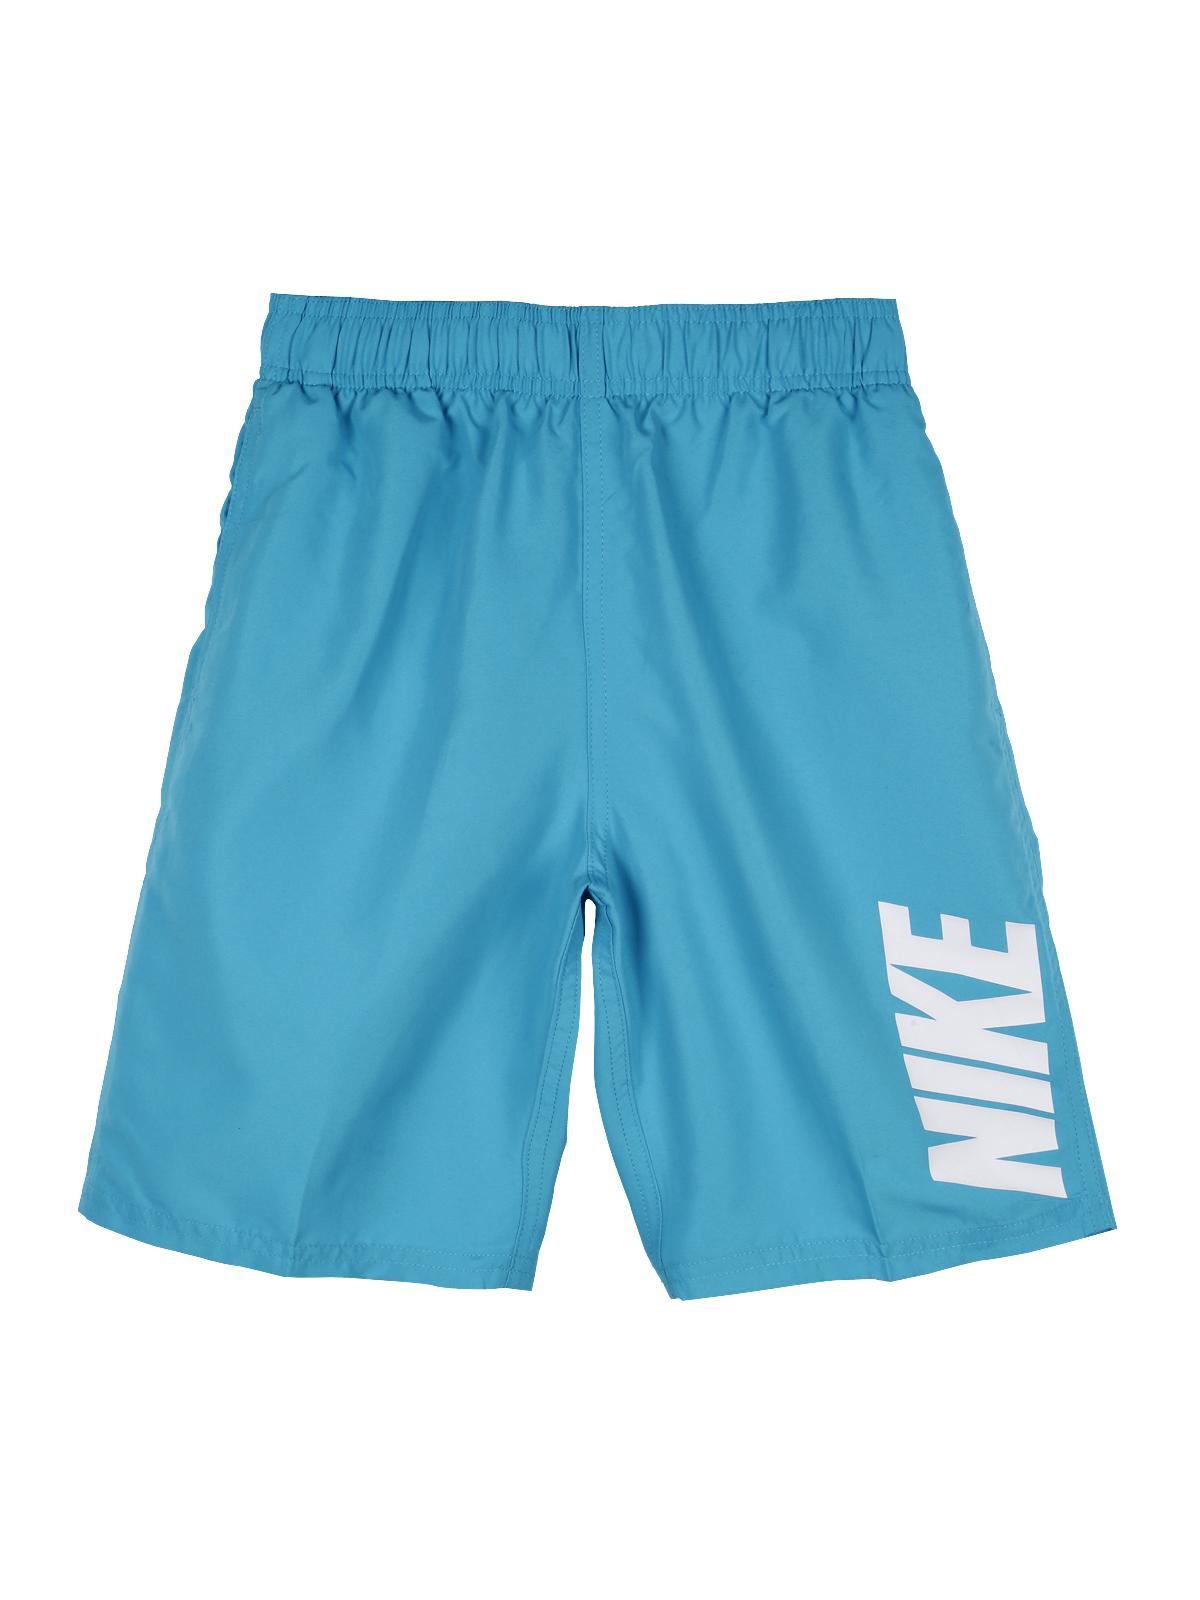 volley da giallo fluorescente Costume shorts bagno ragazzo Y7gf6by